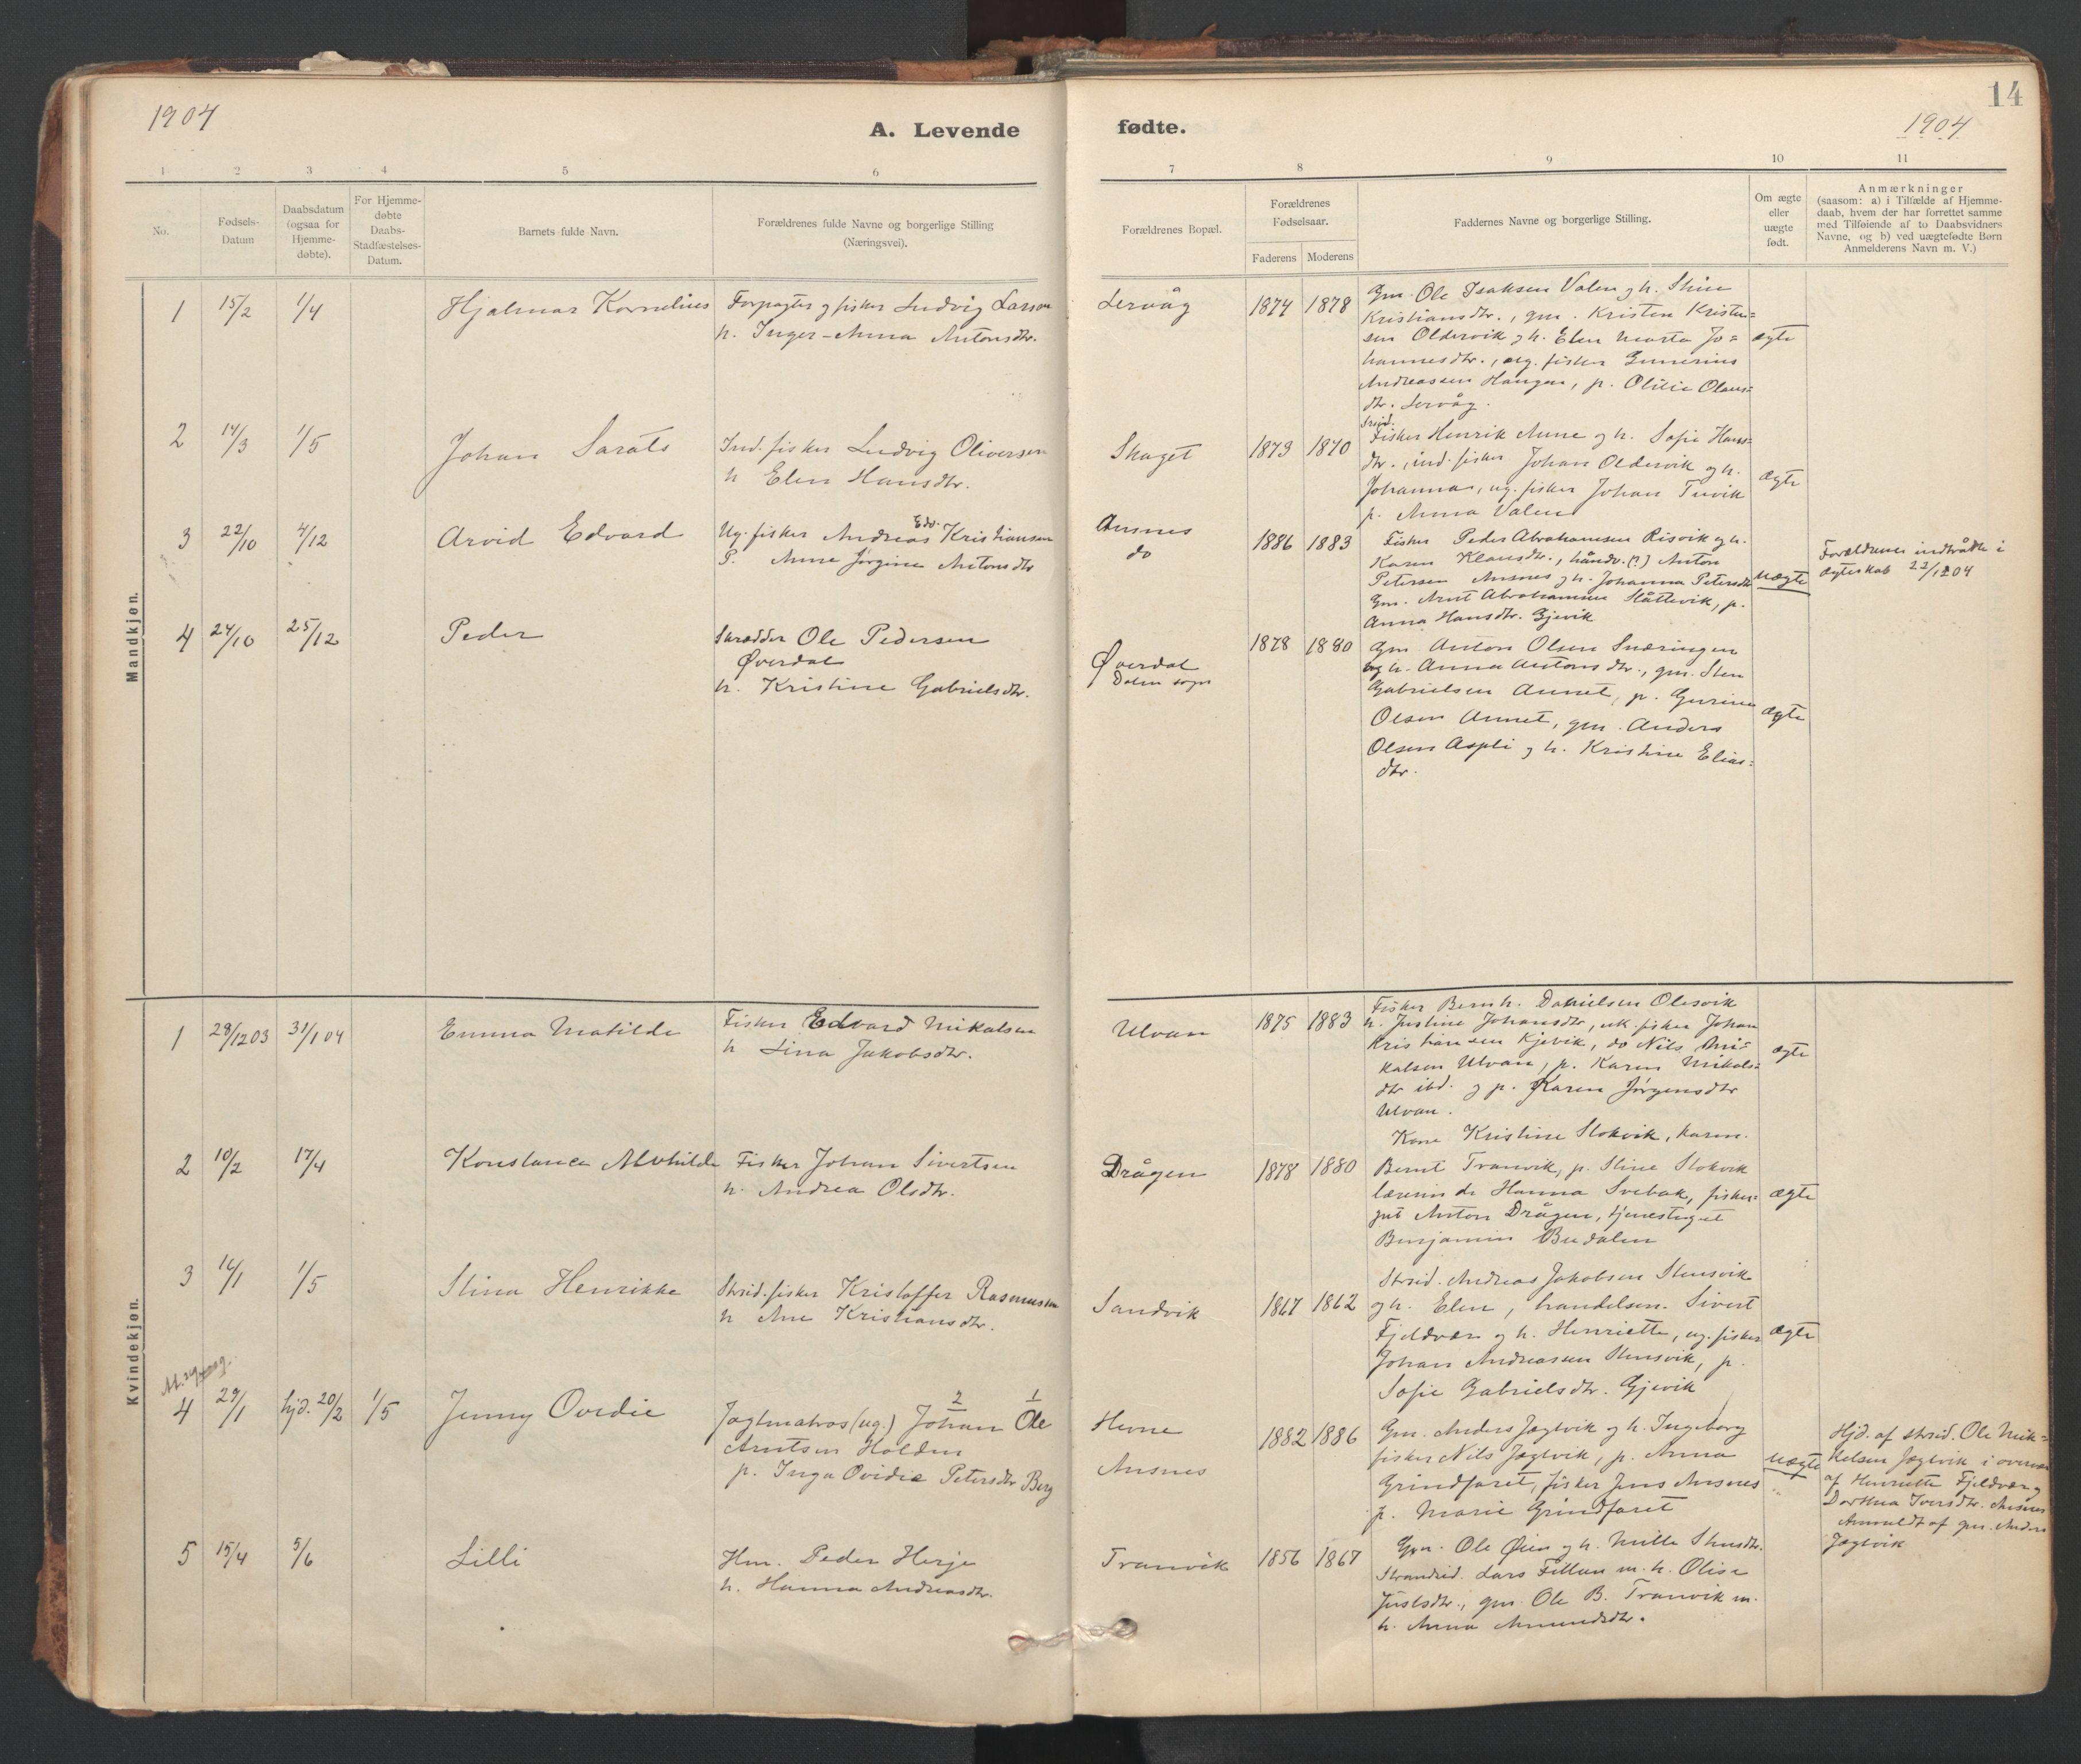 SAT, Ministerialprotokoller, klokkerbøker og fødselsregistre - Sør-Trøndelag, 637/L0559: Ministerialbok nr. 637A02, 1899-1923, s. 14